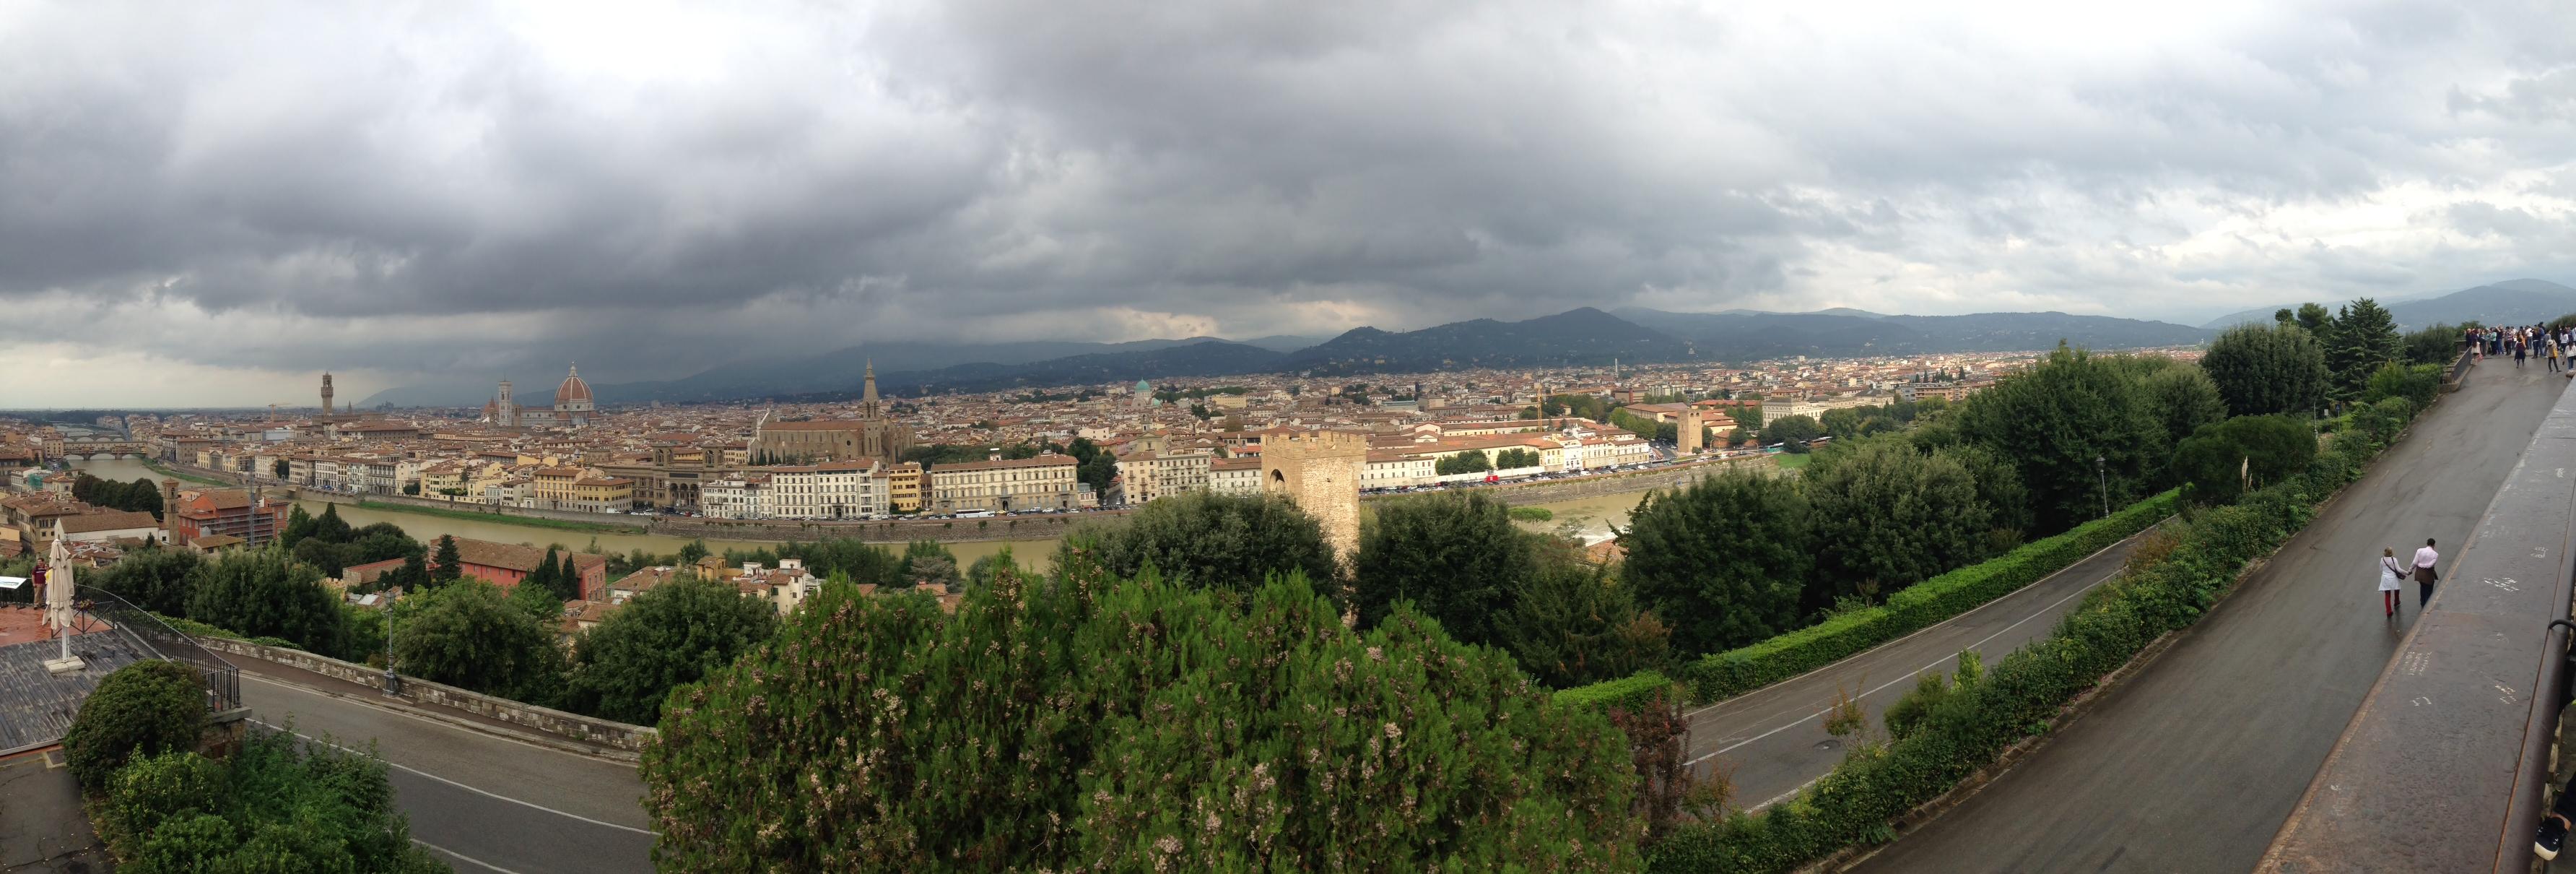 Florencia panorámica